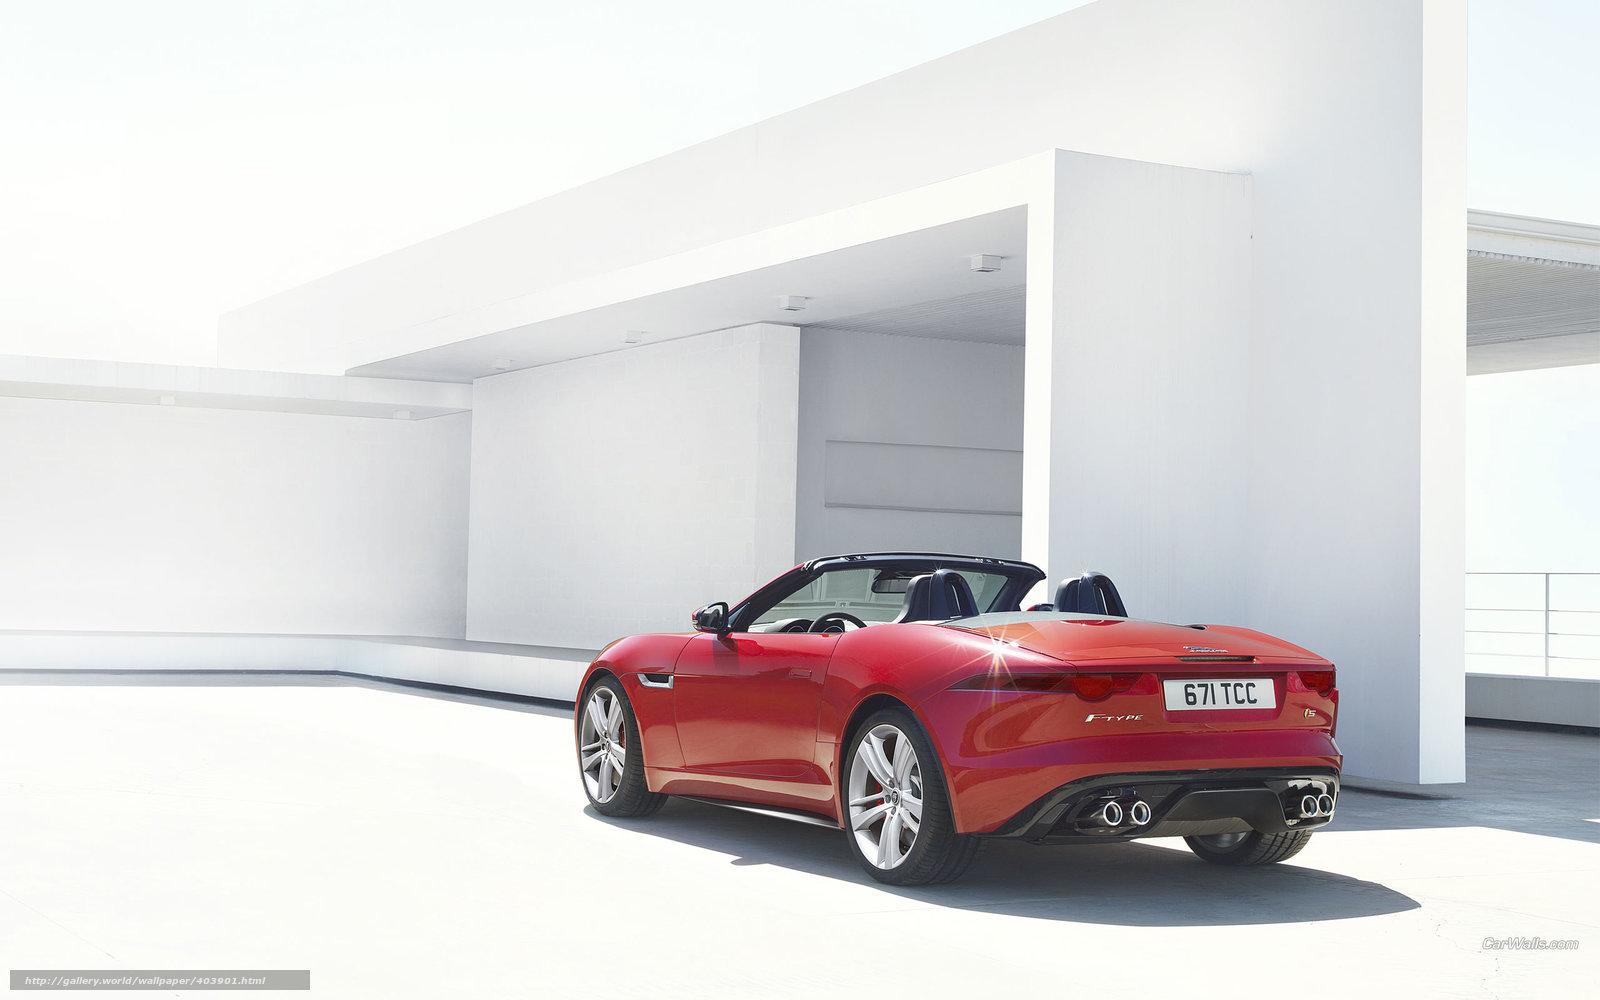 Скачать обои Jaguar,  F-Type,  авто,  машины бесплатно для рабочего стола в разрешении 2560x1600 — картинка №403901